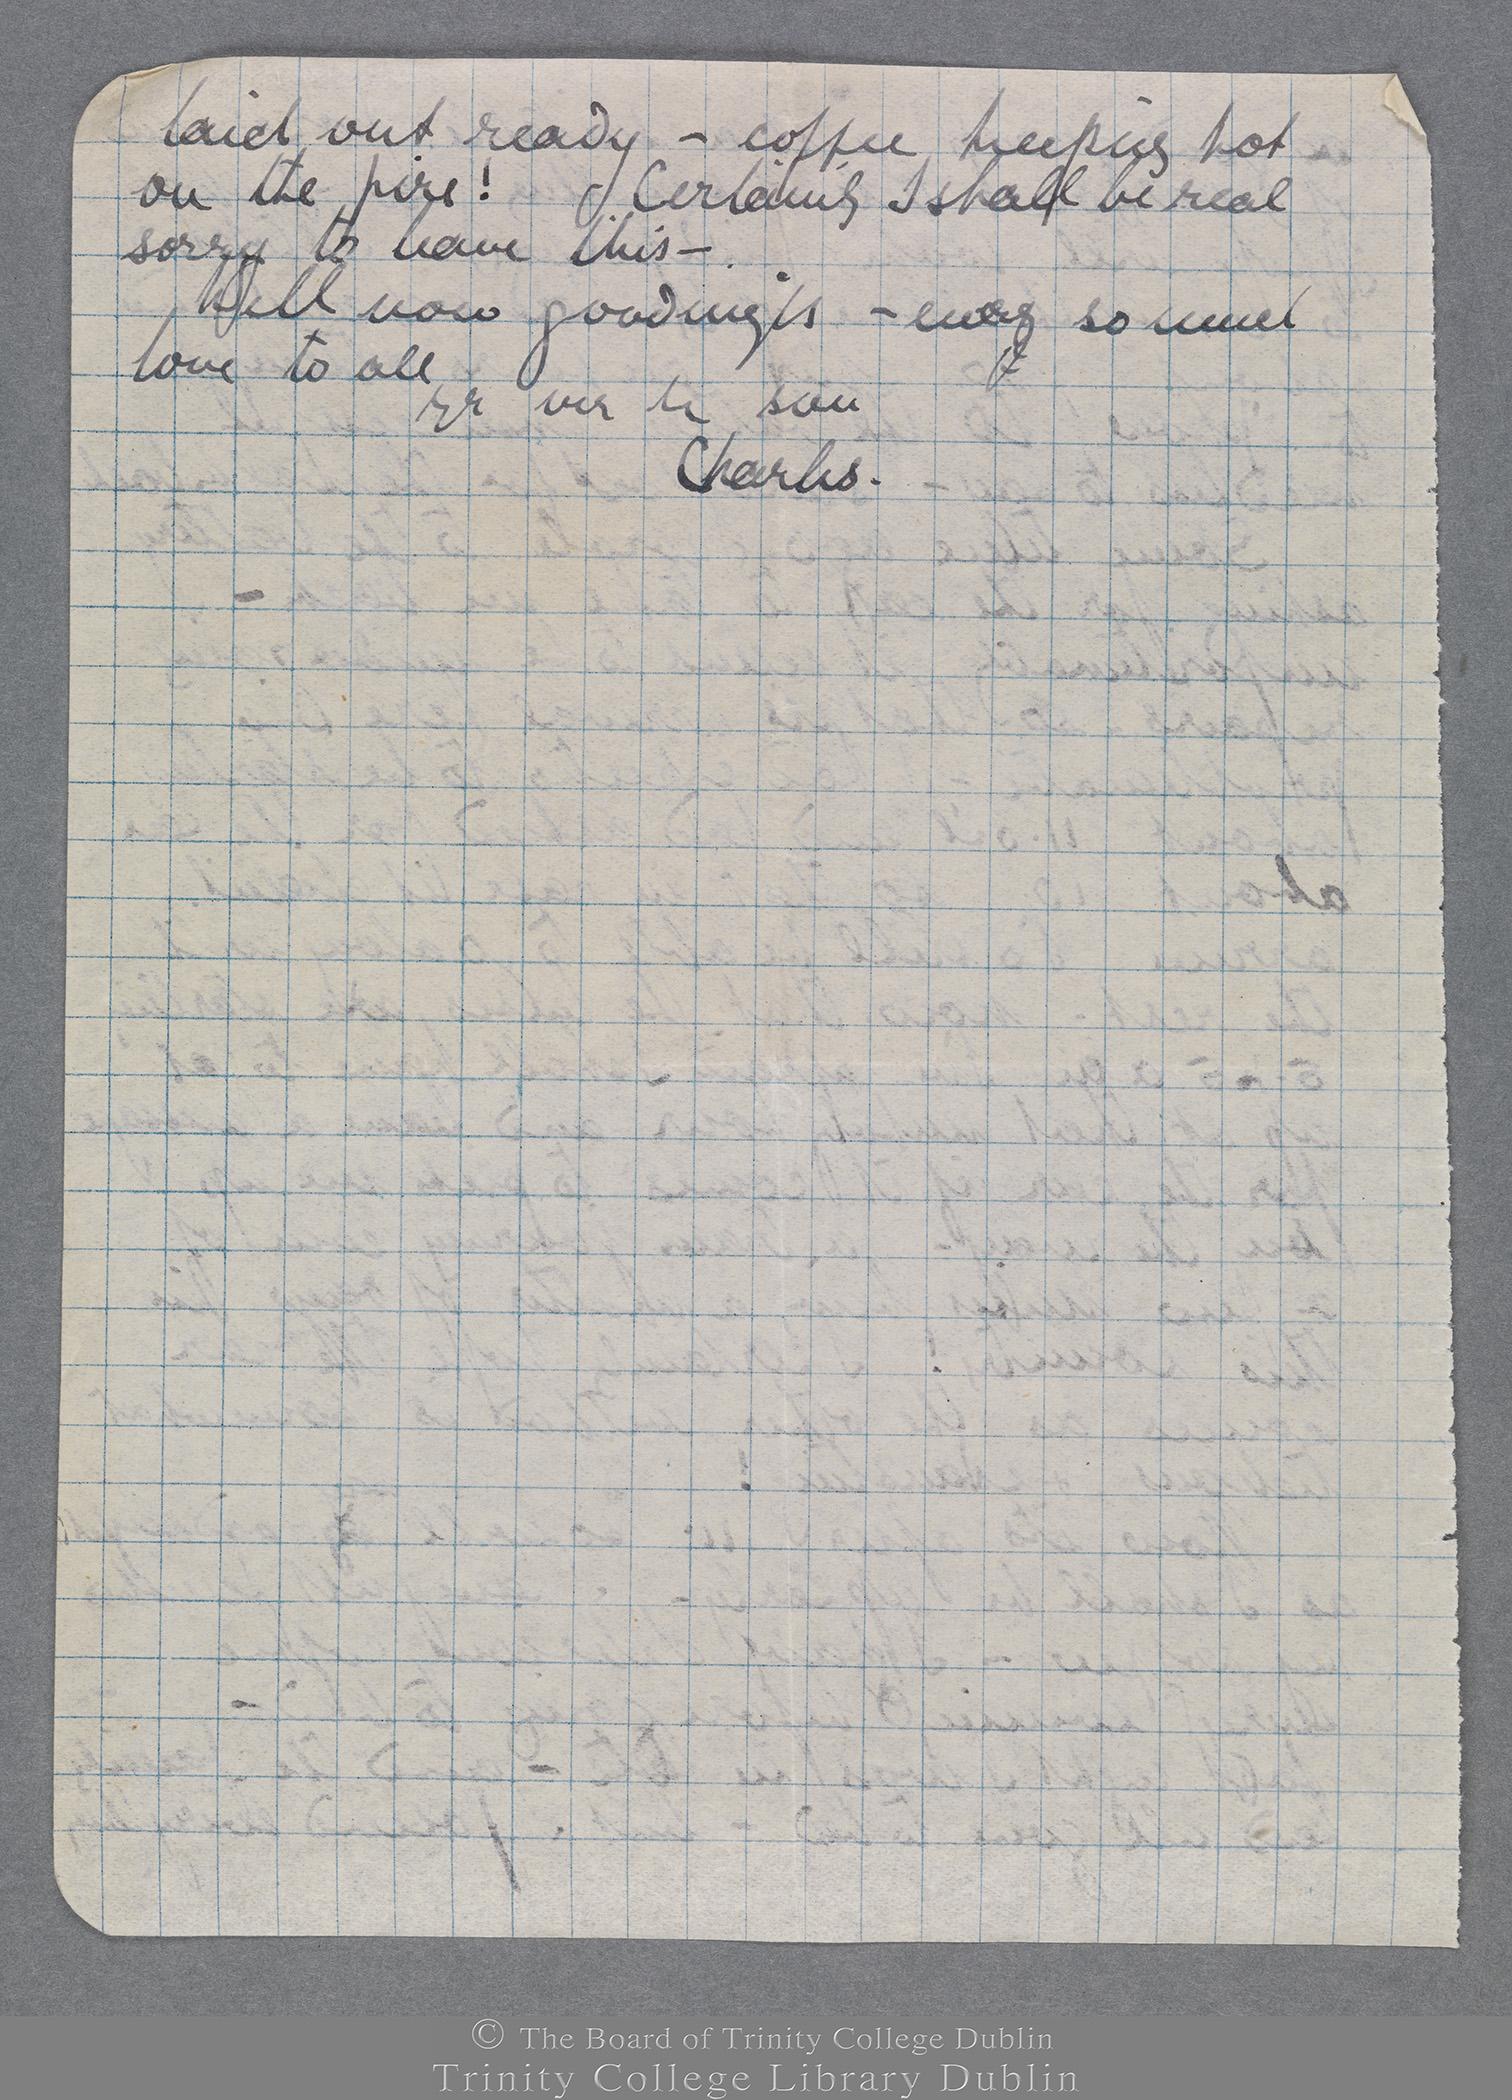 TCD MS 10247/1/834 folio 4 verso